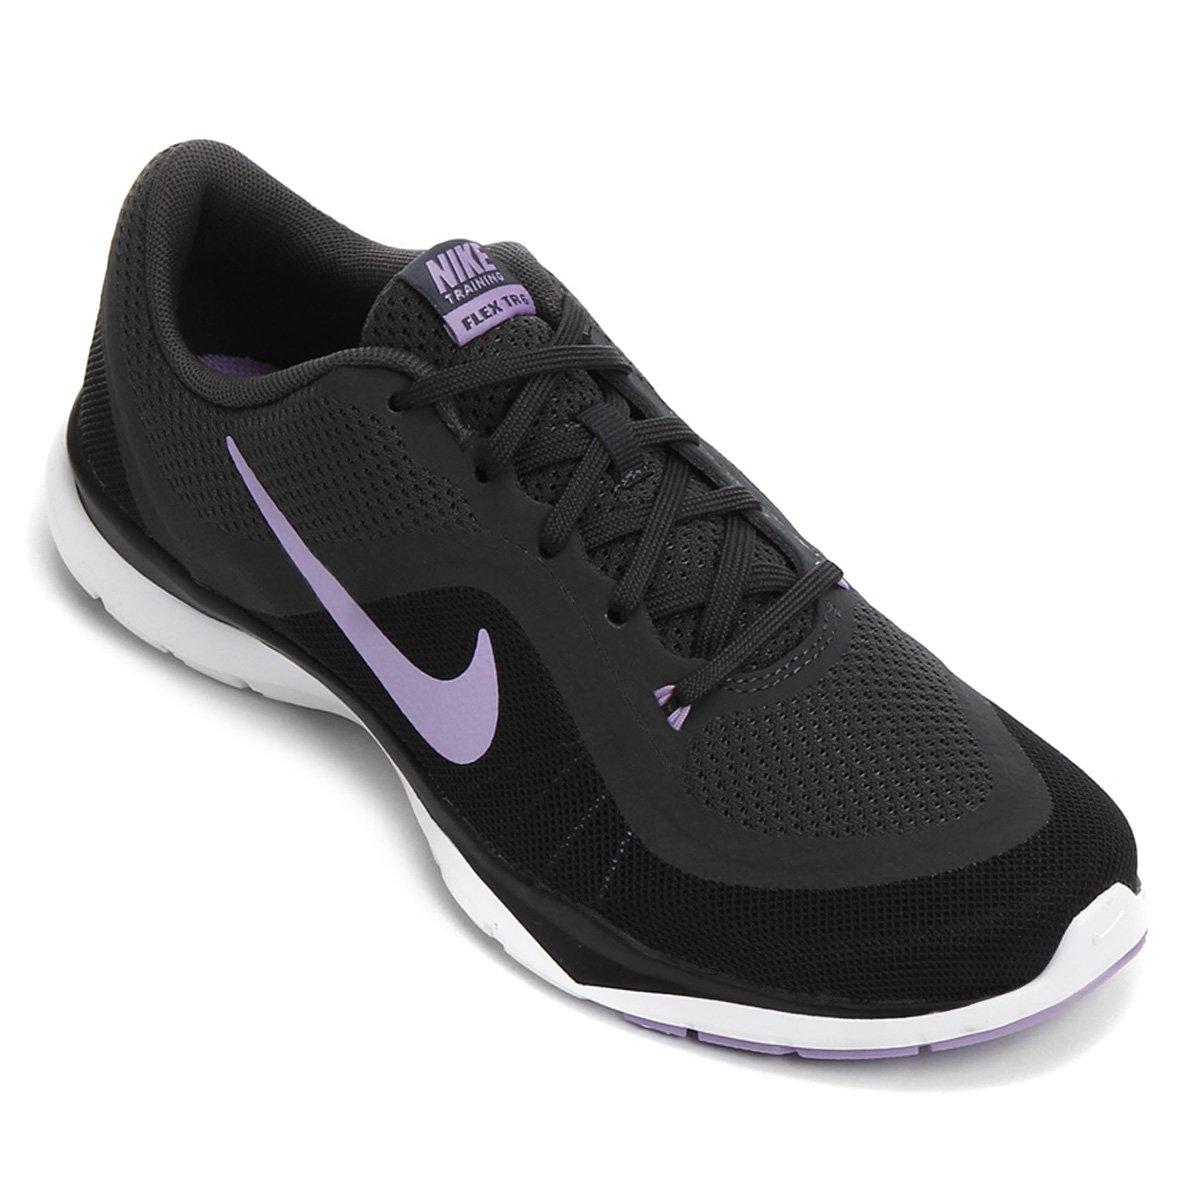 721d19d062 Tênis Nike Flex Trainer 6 Feminino - Preto e Lilás - Compre Agora ...